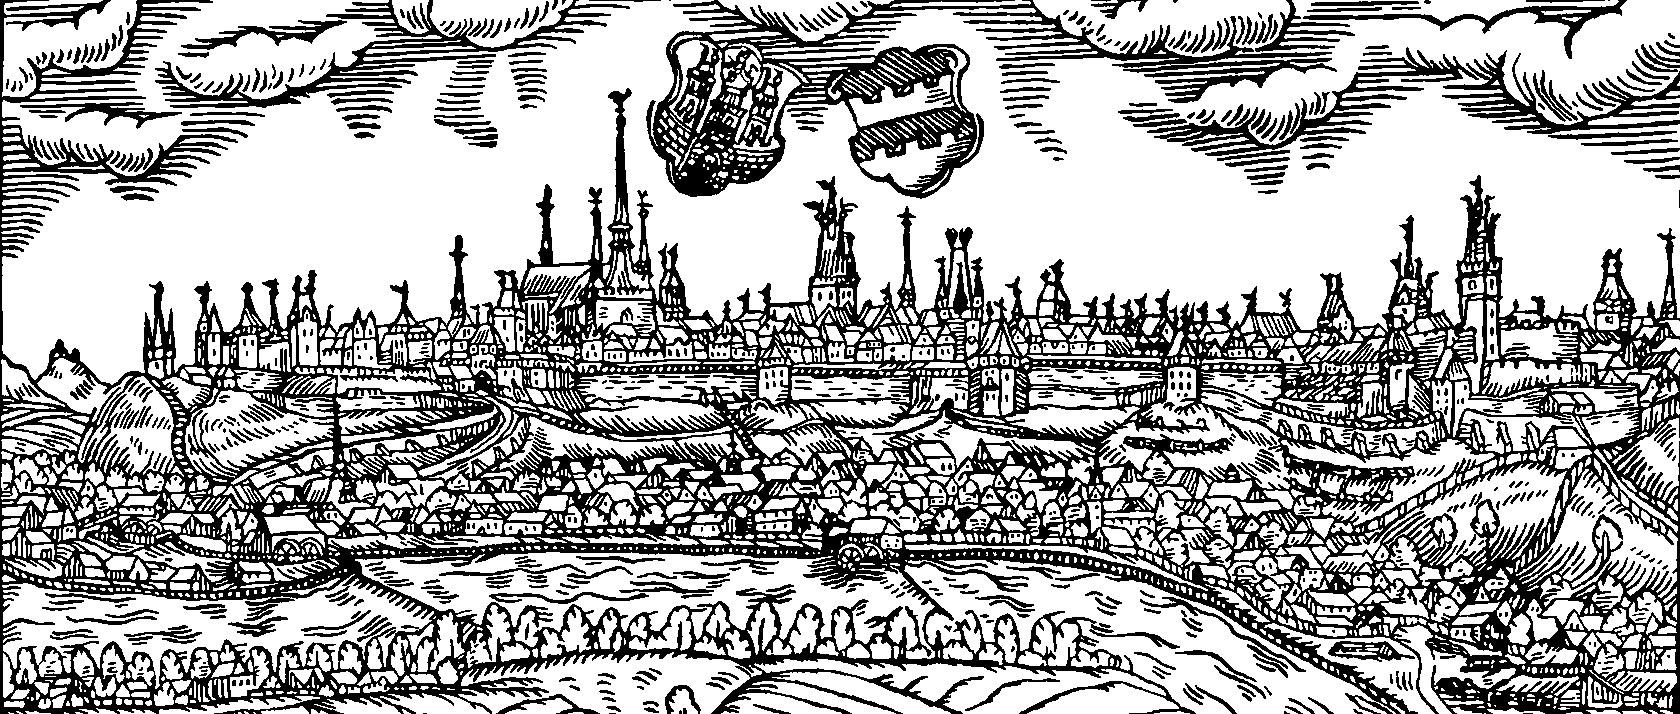 Saaz 1601, Holzschnitt von Johannes Willenberg